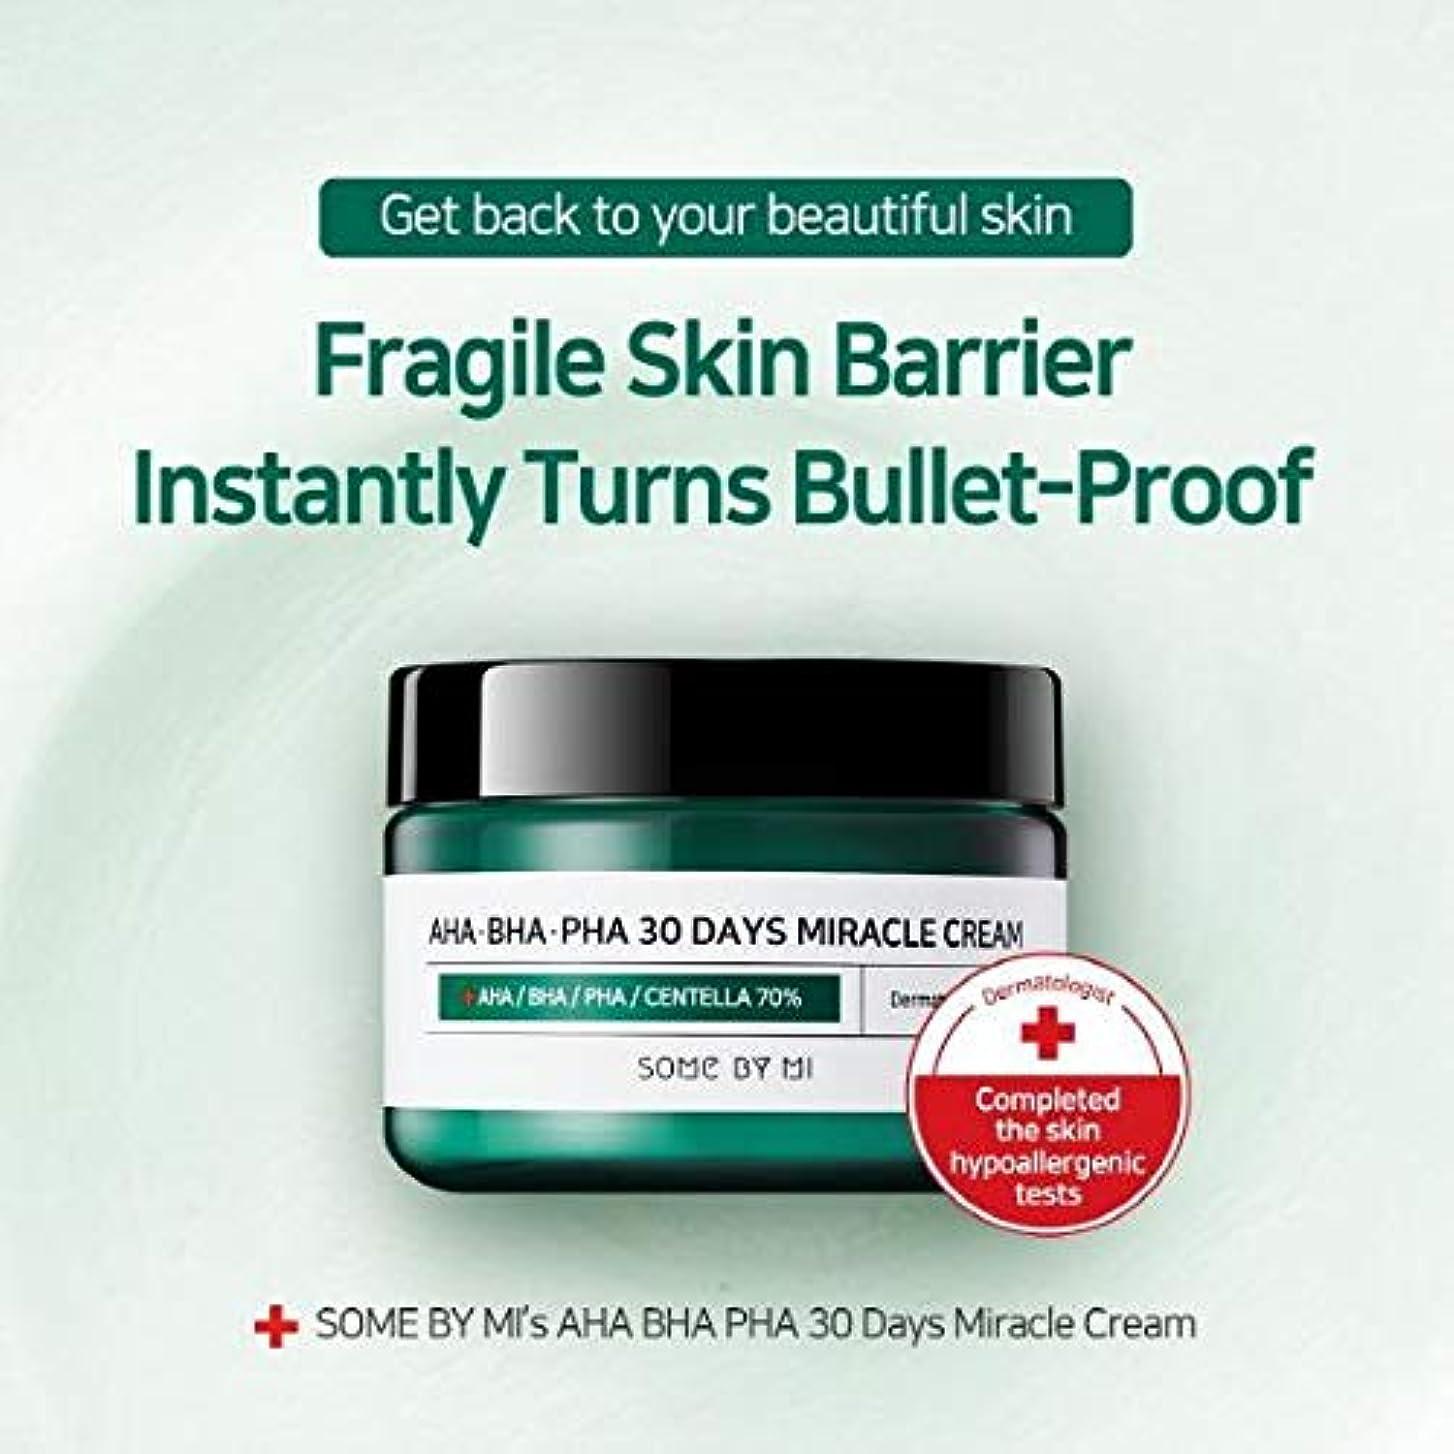 スティーブンソン反逆者サスペンションSomebymi AHA BHA PHA Miracle Cream 50ml (1.7oz) Skin Barrier & Recovery, Soothing with Tea Tree 10,000ppm for...